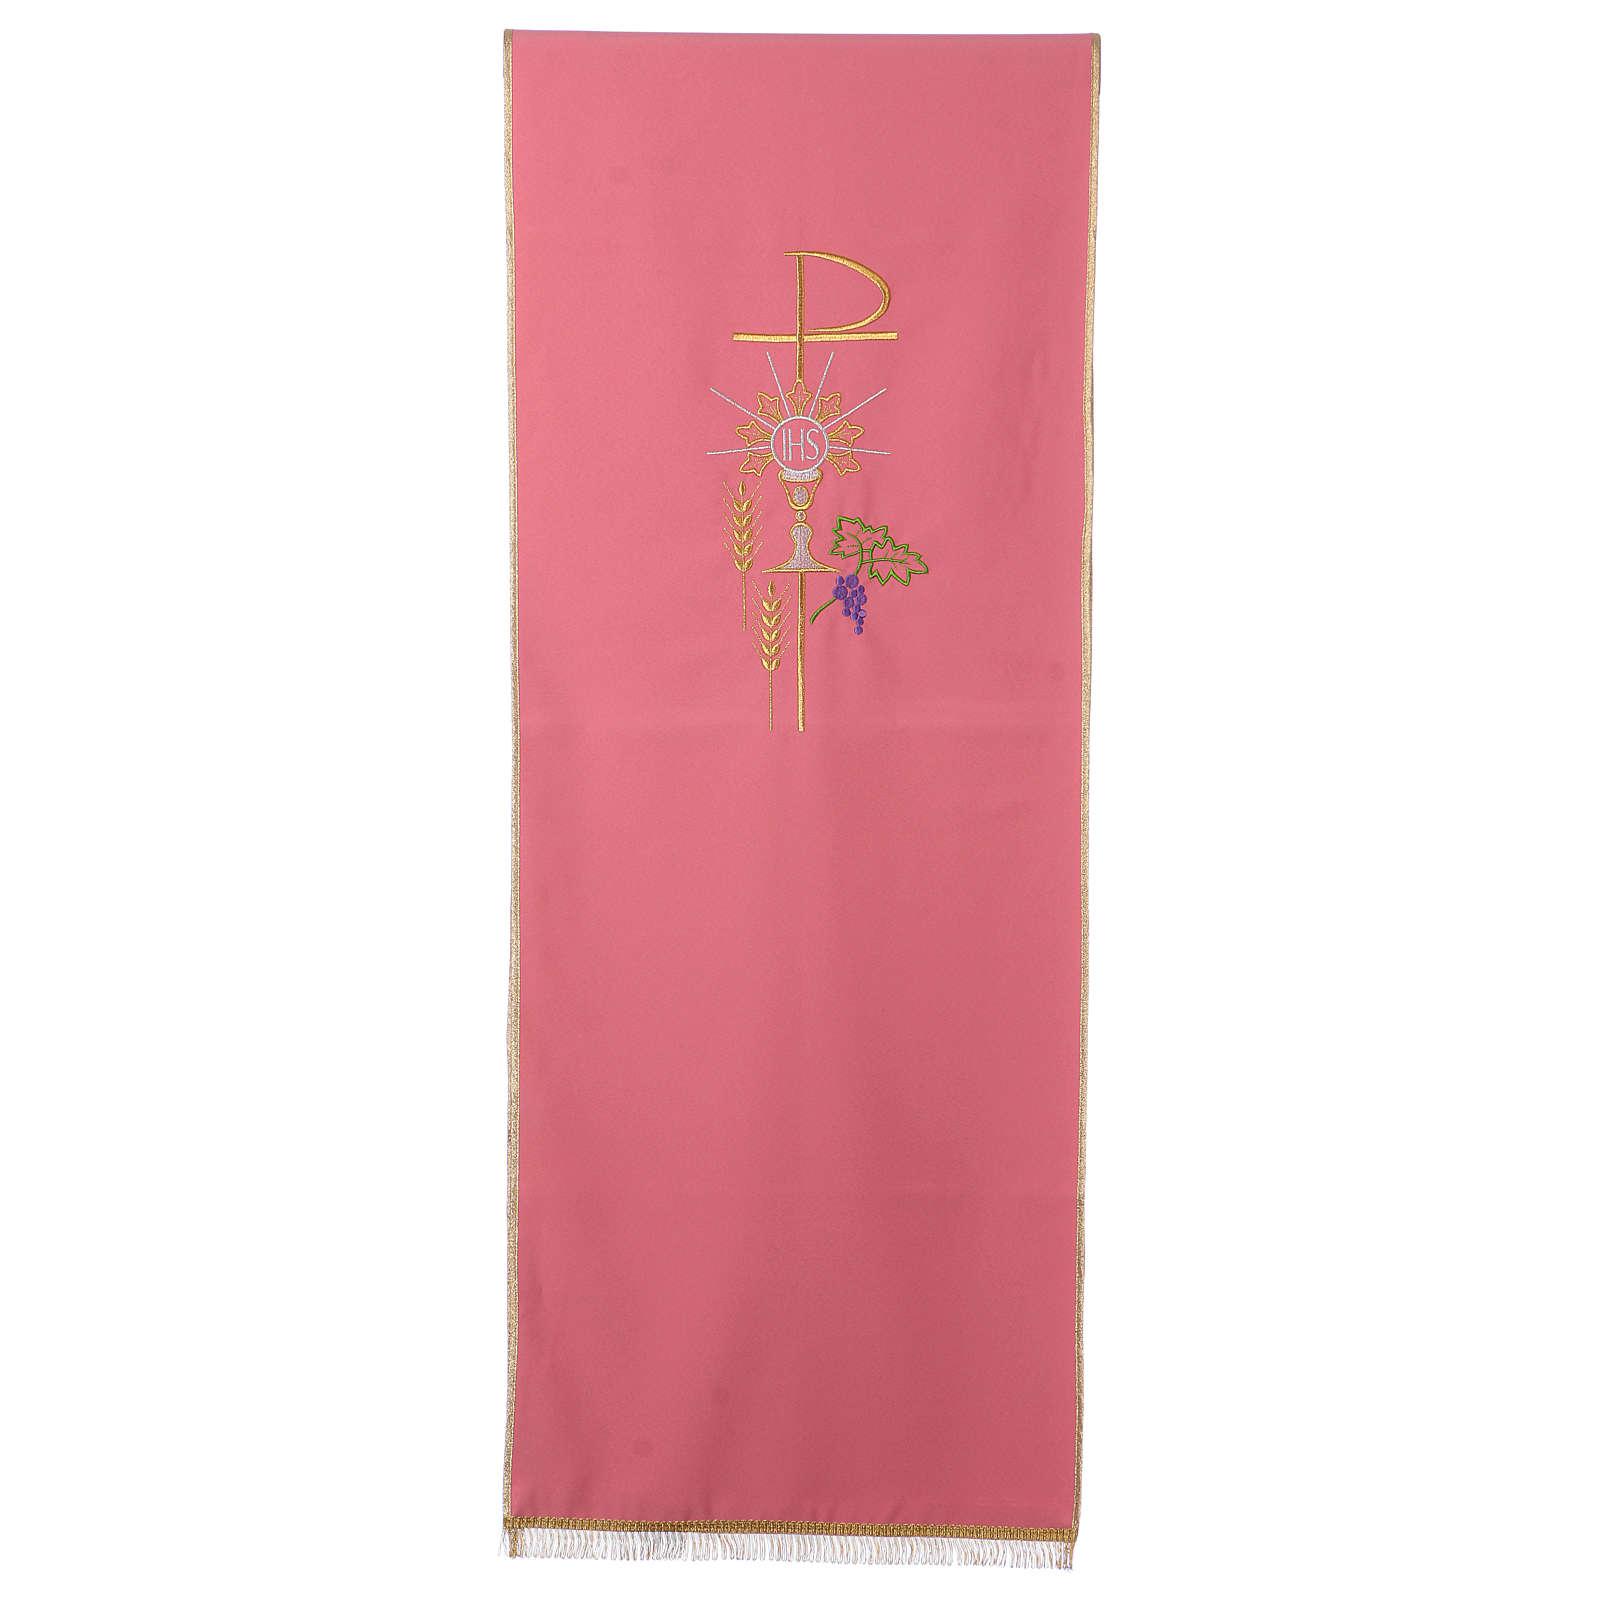 Coprileggio rosa 100% poliestere XP calice ostia spiga 4